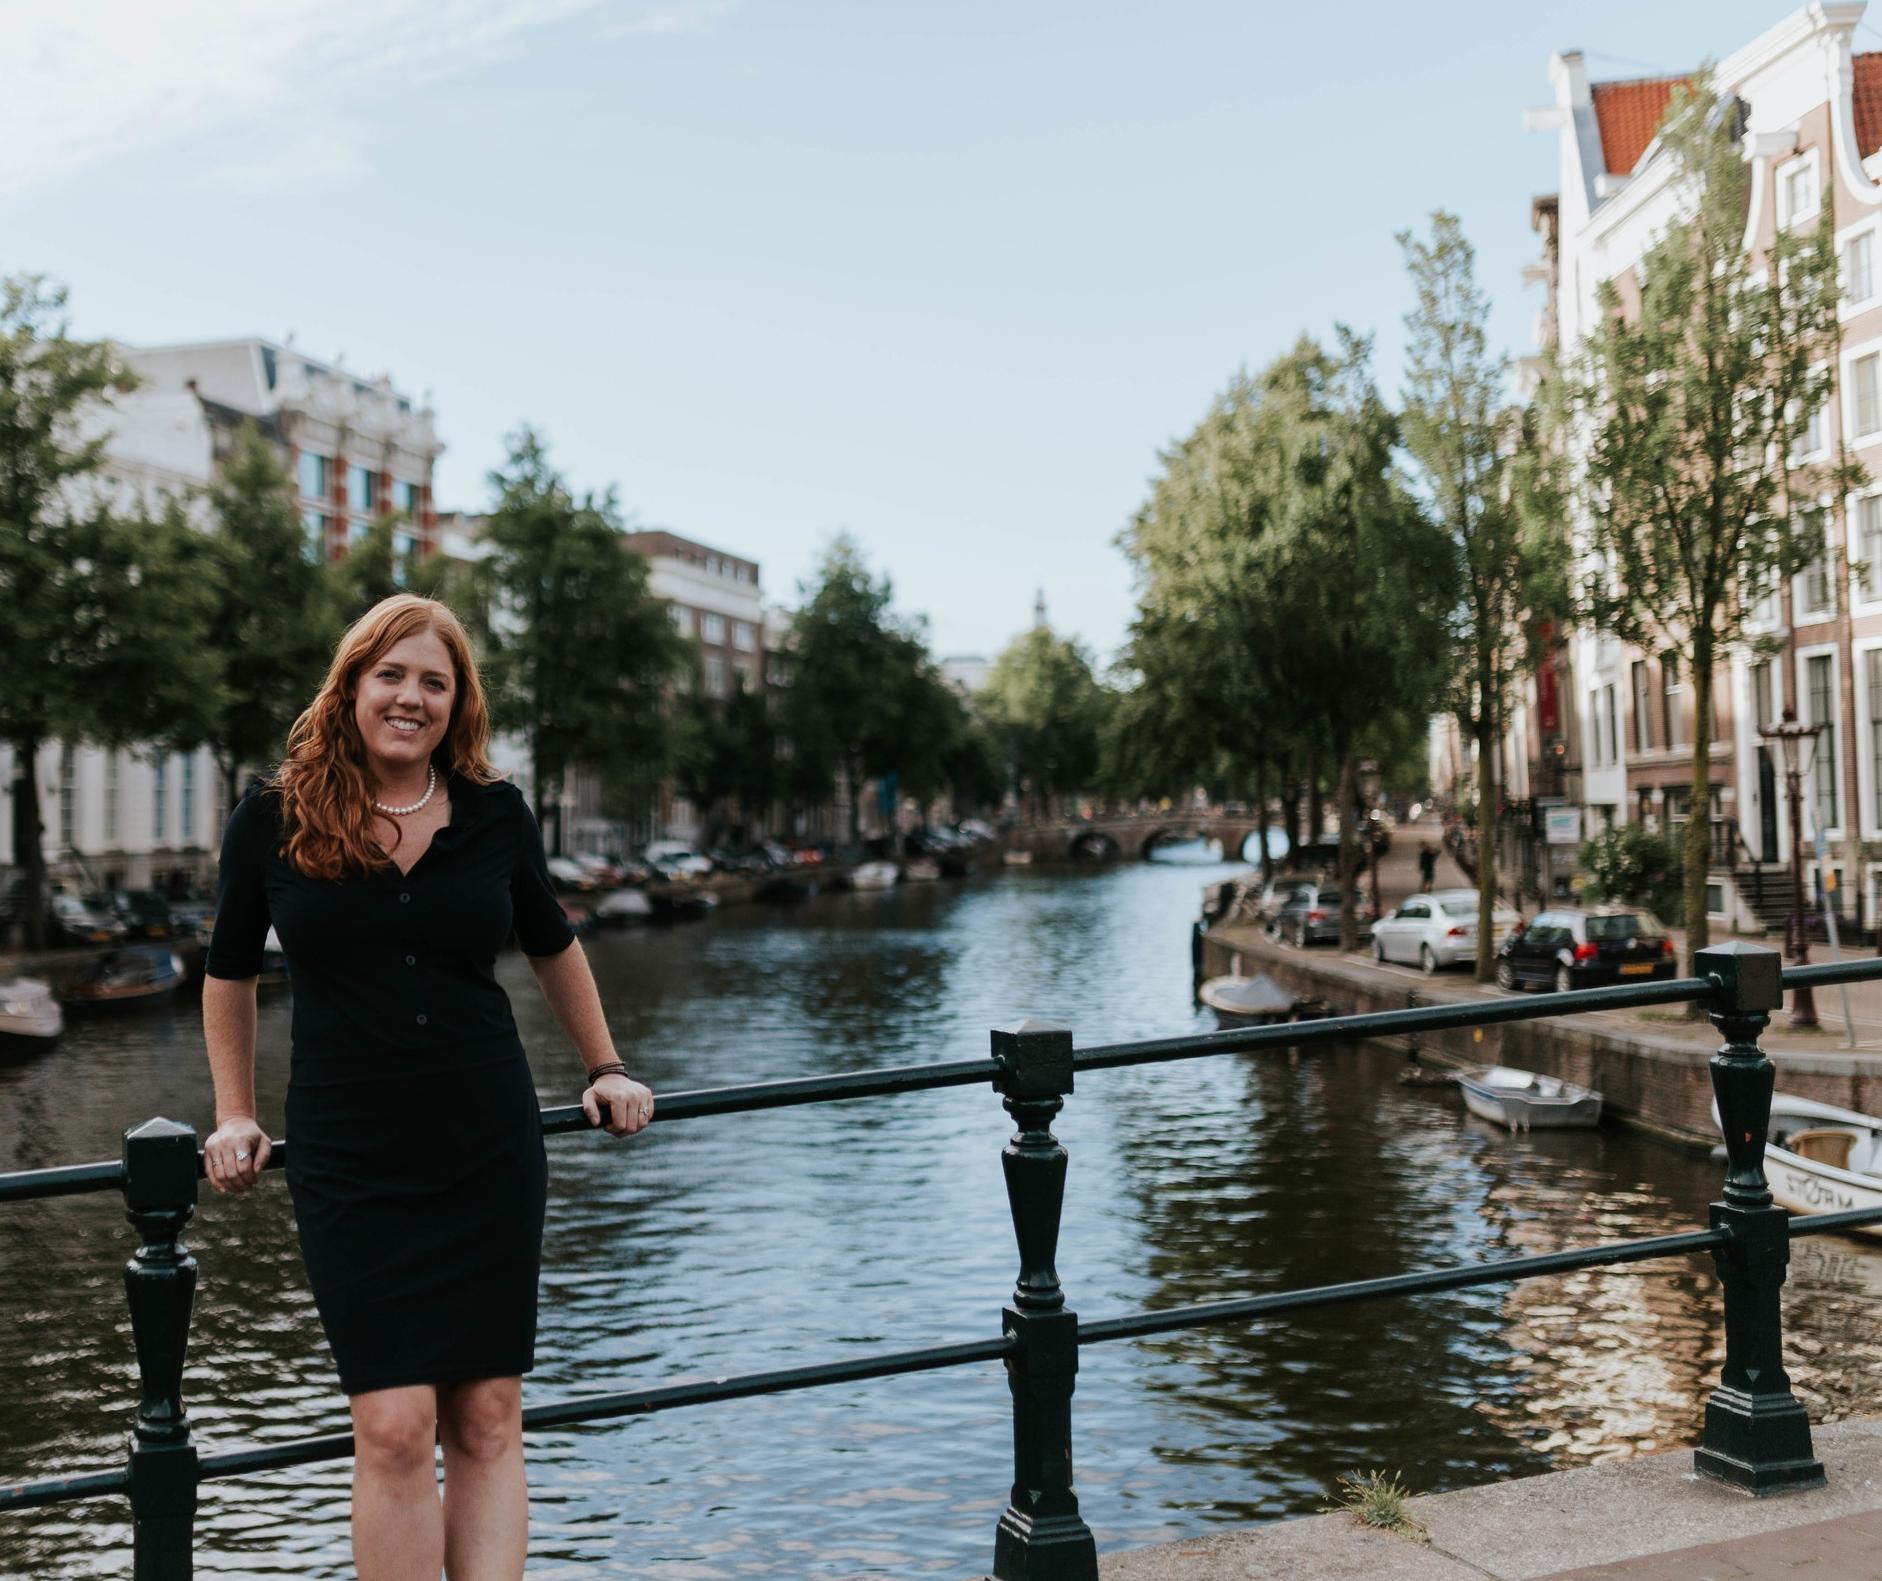 the Jordaan neighborhood | Amsterdam